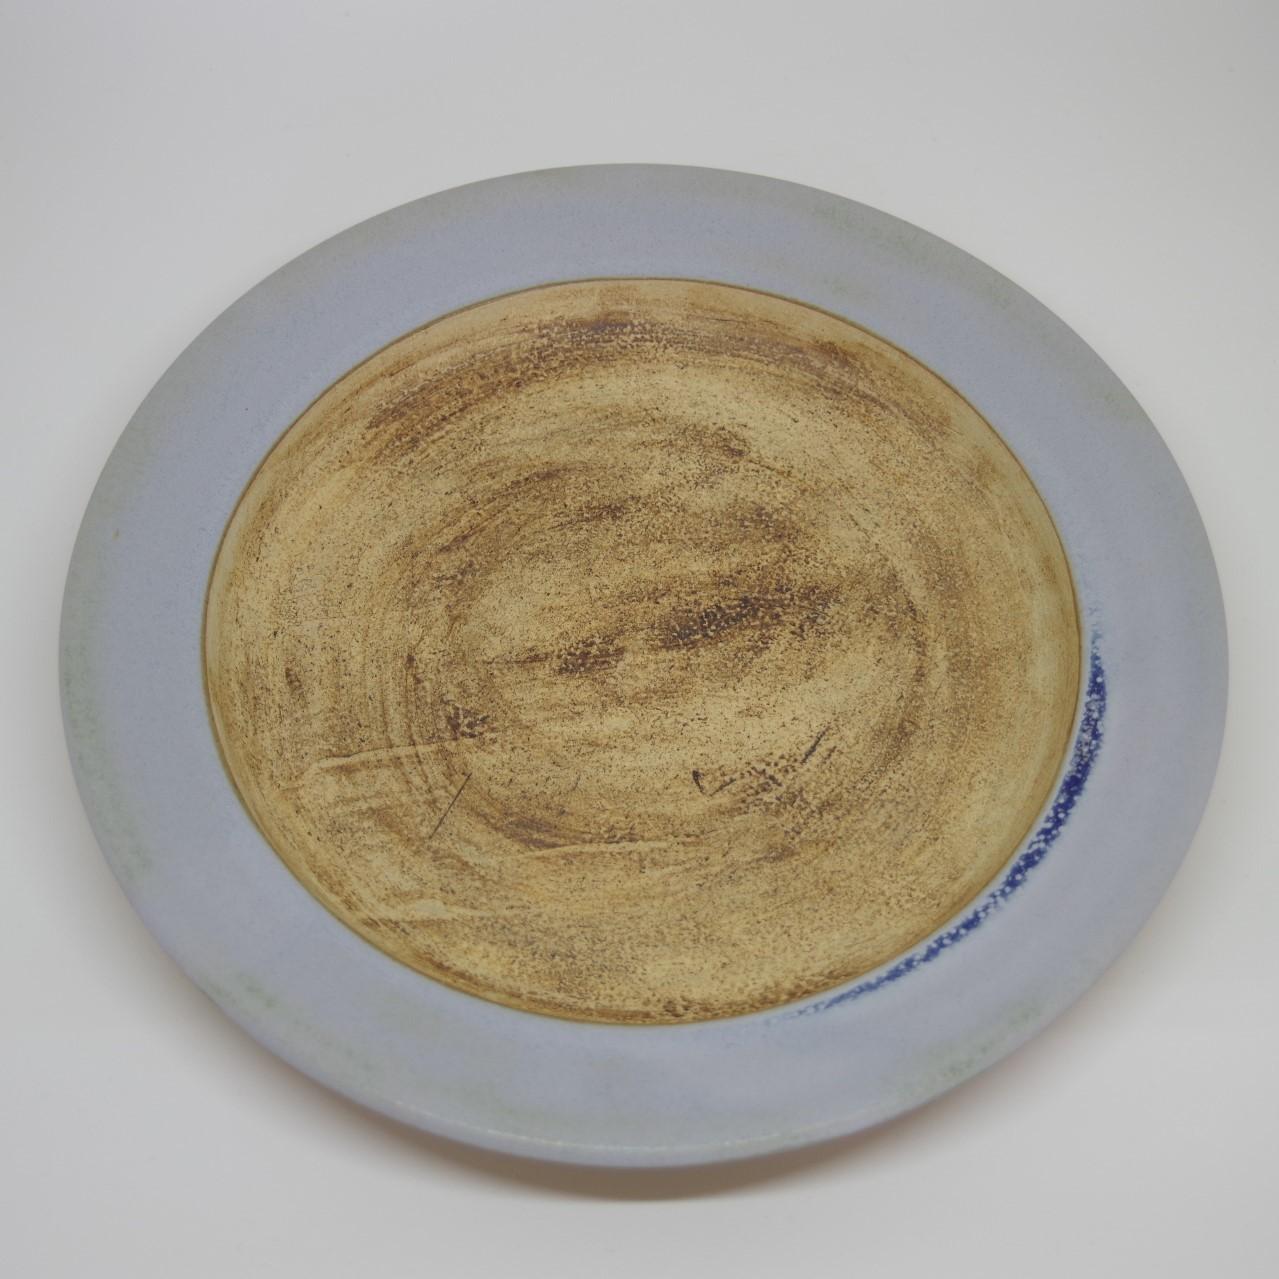 やちむん【空~KOO~】リム皿 8寸 ブルーグレー